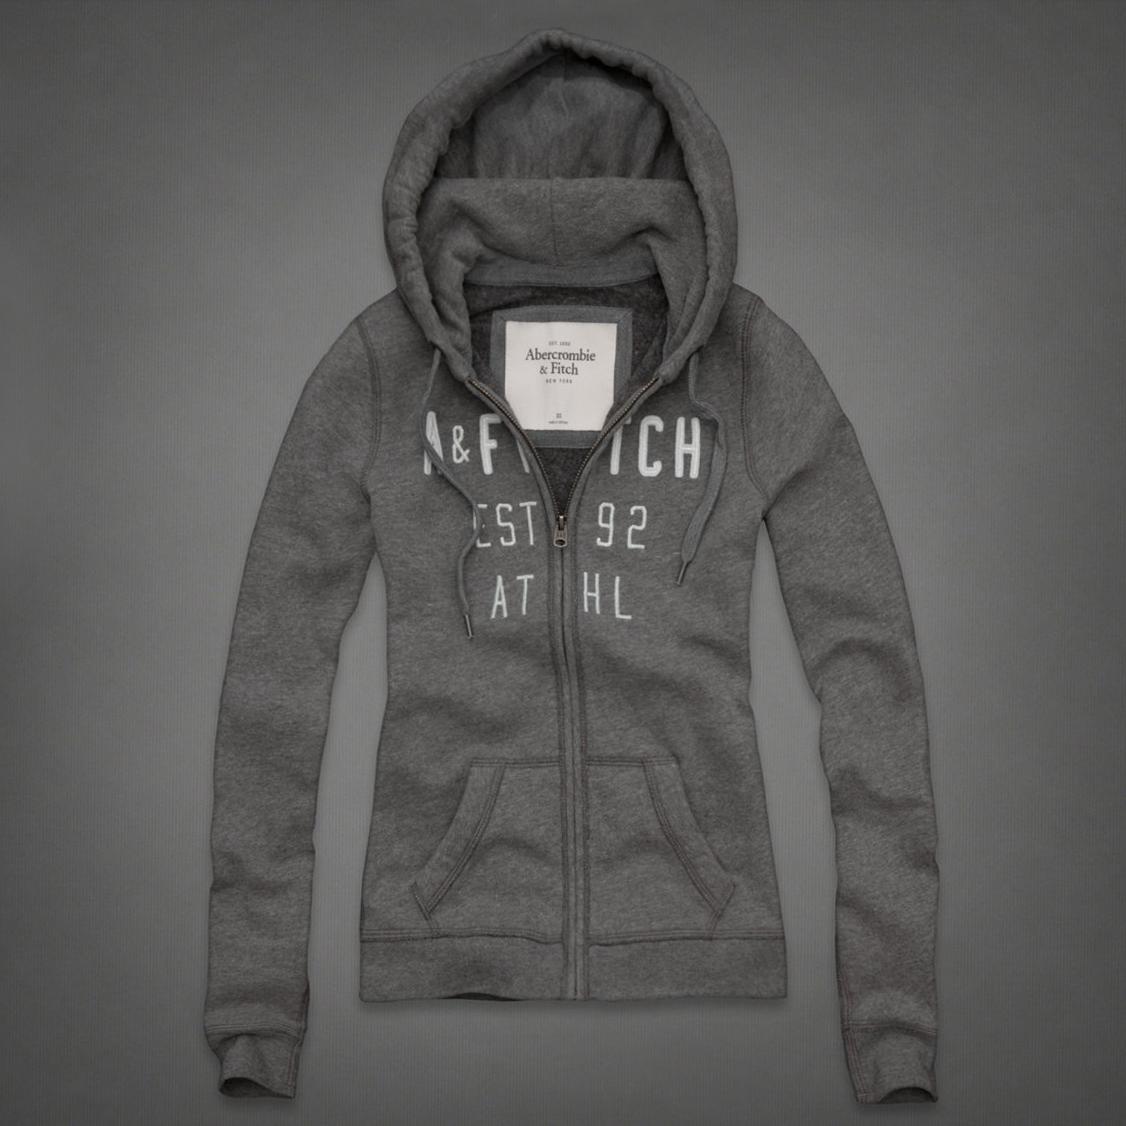 美國百分百【全新真品】Abercrombie & Fitch 外套 AF 連帽 夾克 帽T 麋鹿 灰 女 S號 E296